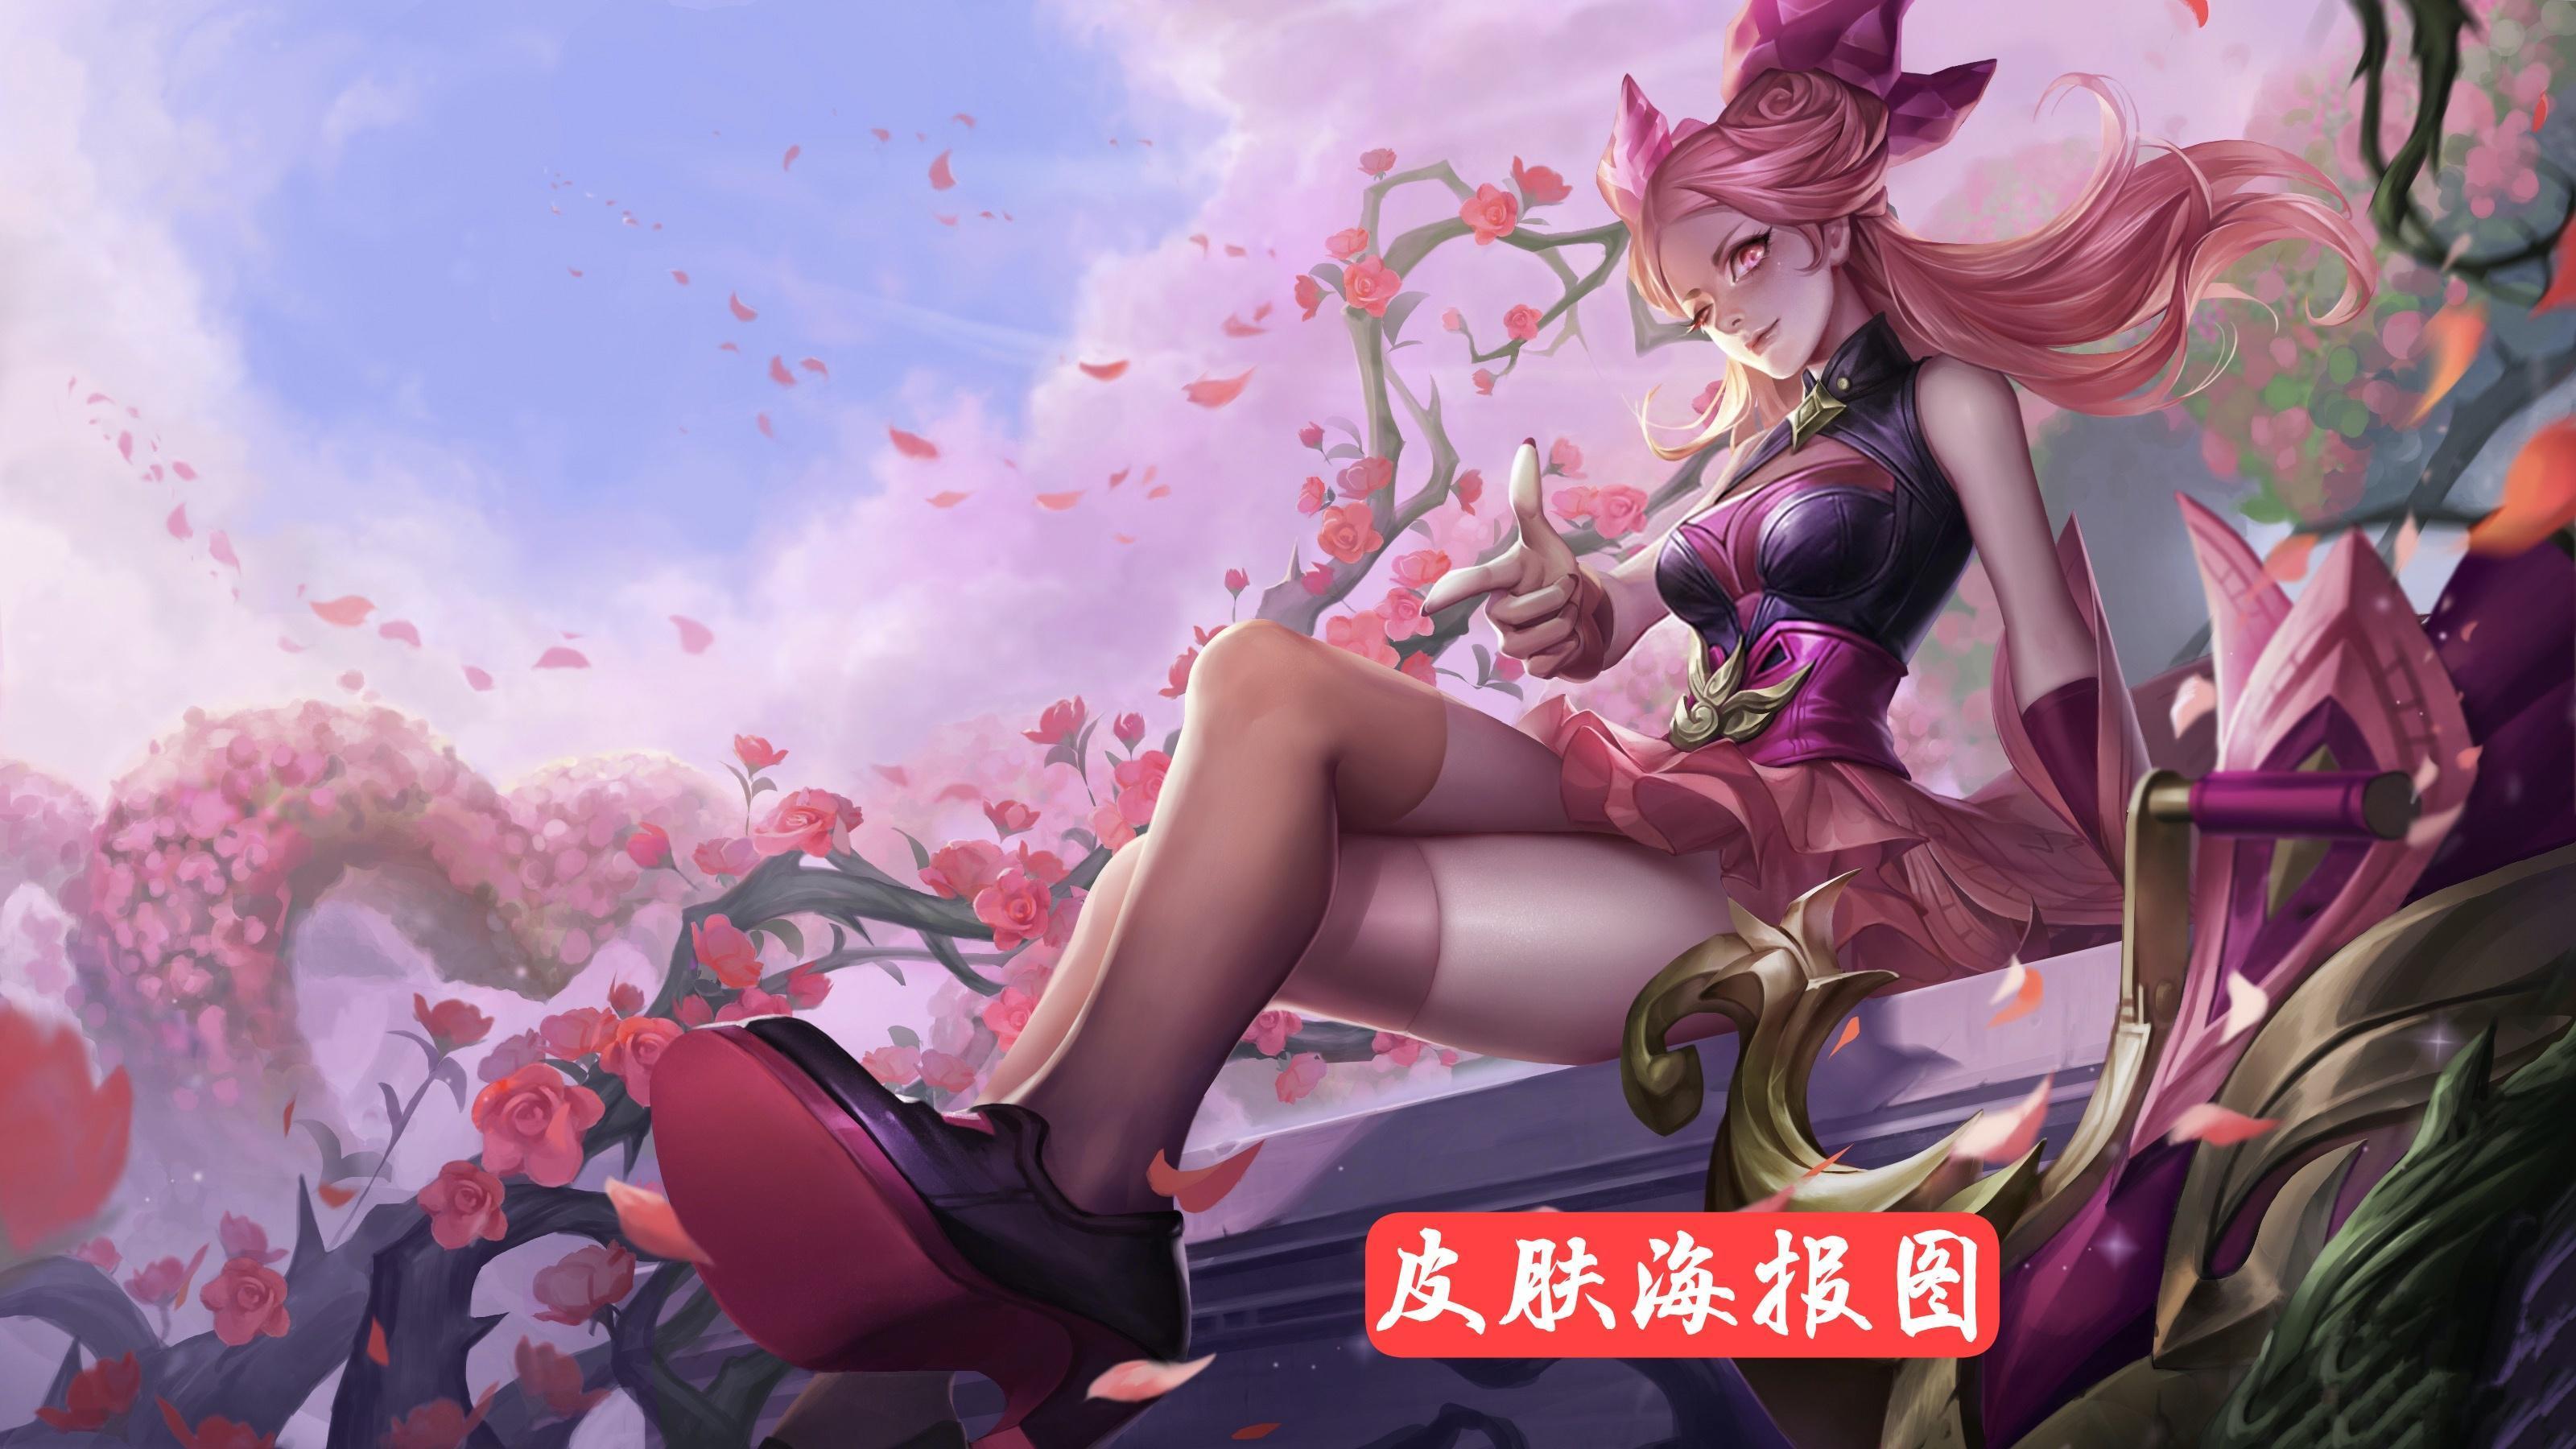 孙尚香蔷薇恋人优化2选1,长马尾发型太美,冰霜圆舞曲新海报美哭